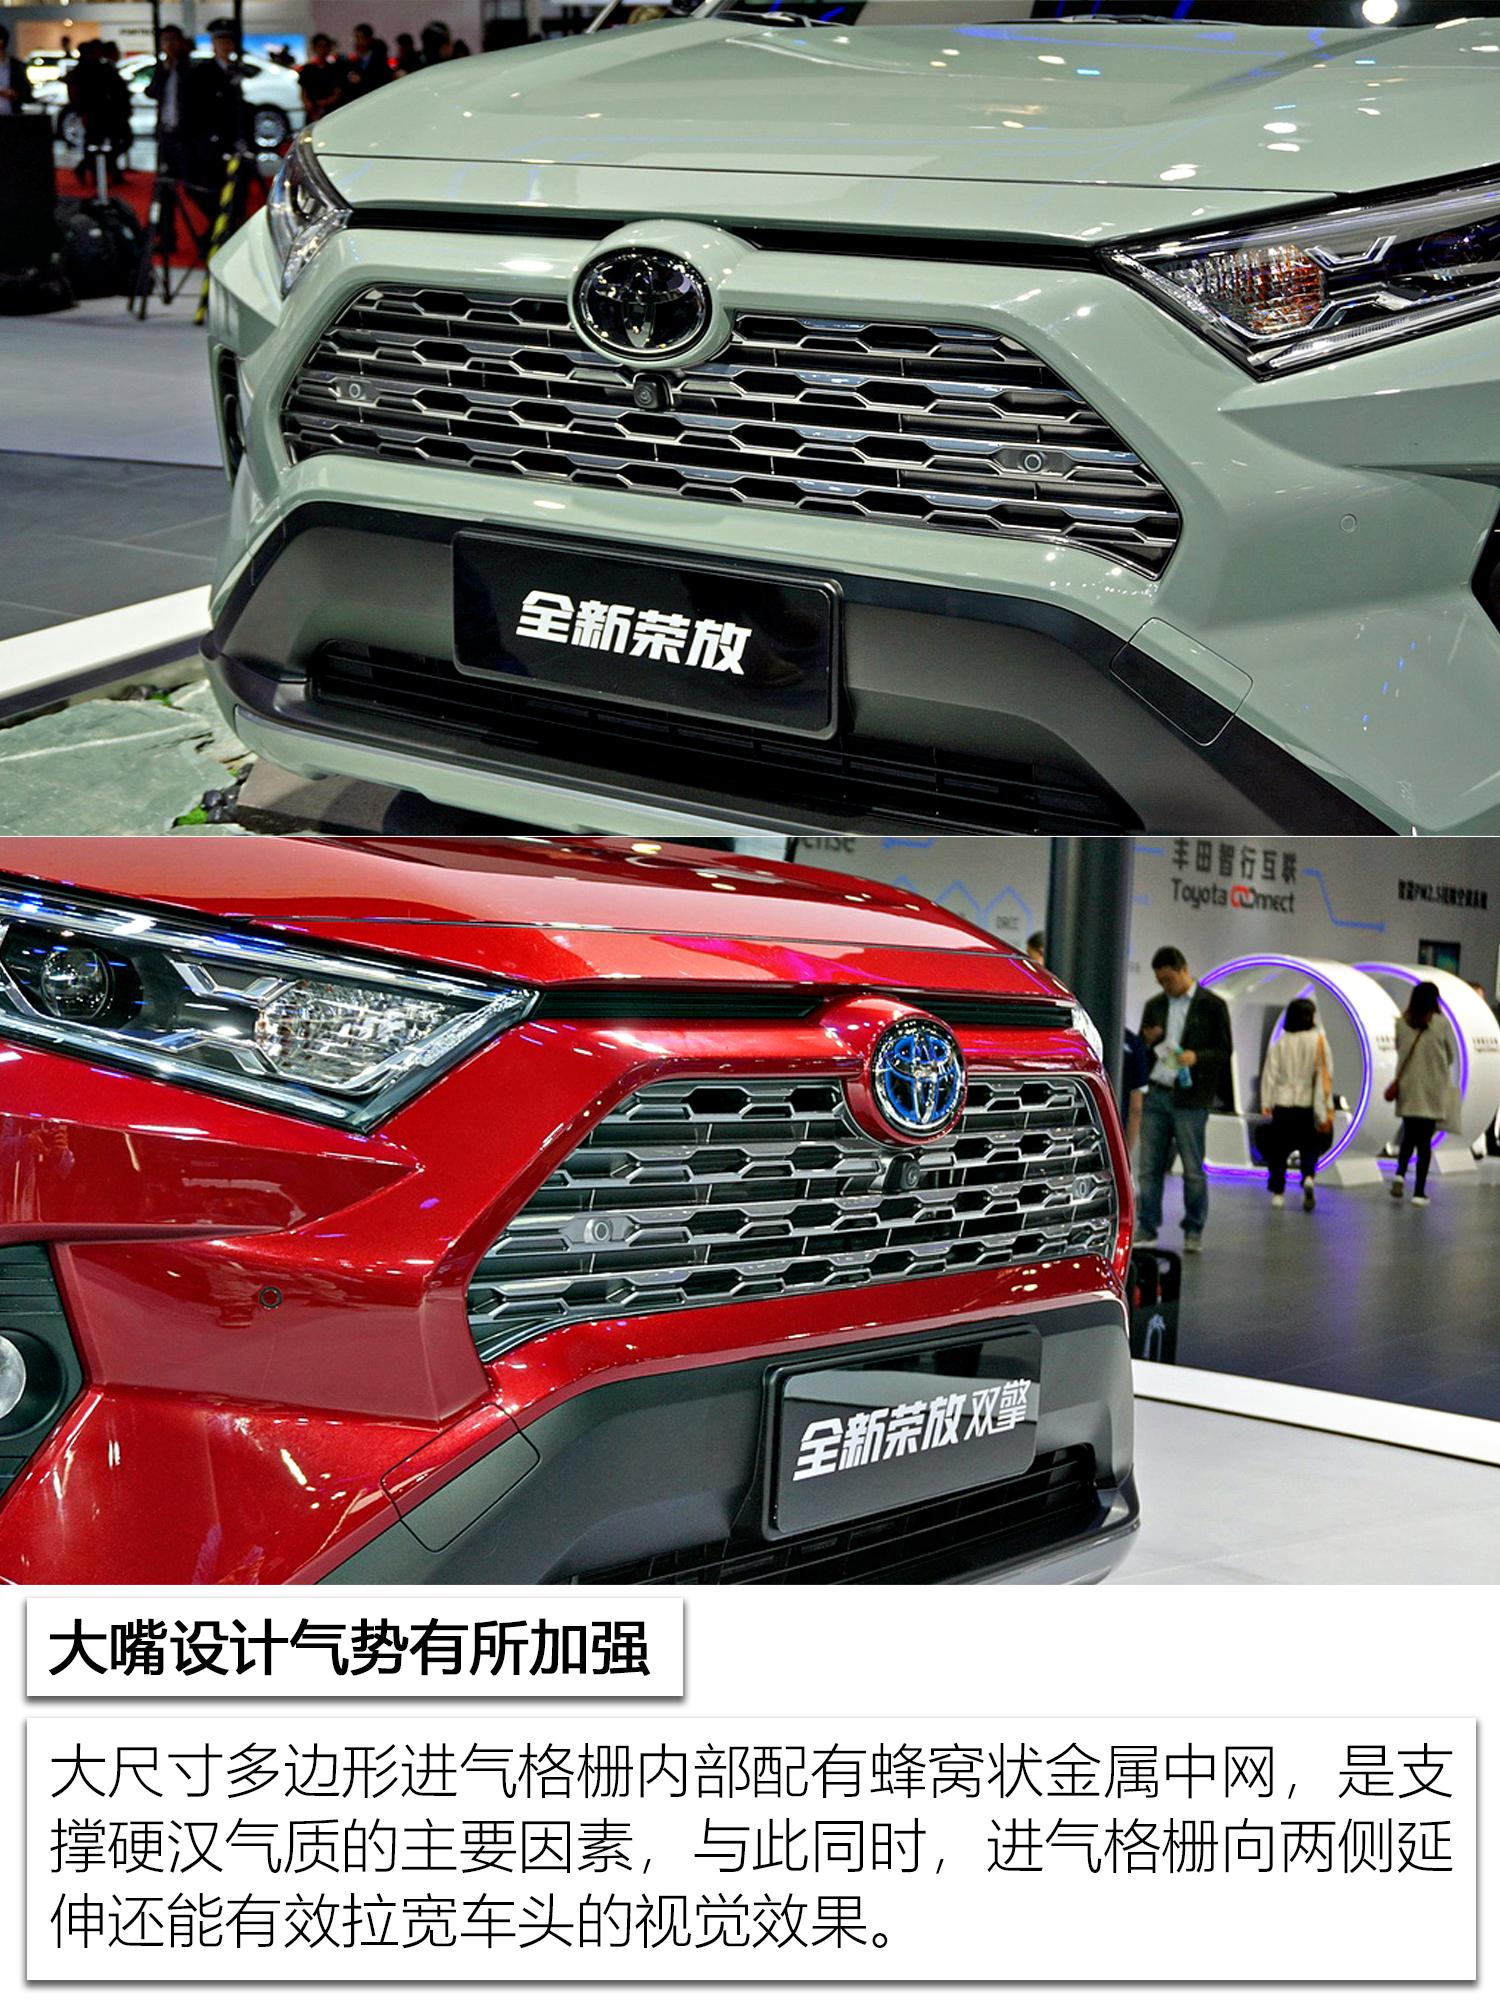 2019经济车型_...箱积极改进燃油经济性2019款奔驰G500车型将会继续搭载4.0L V8双...